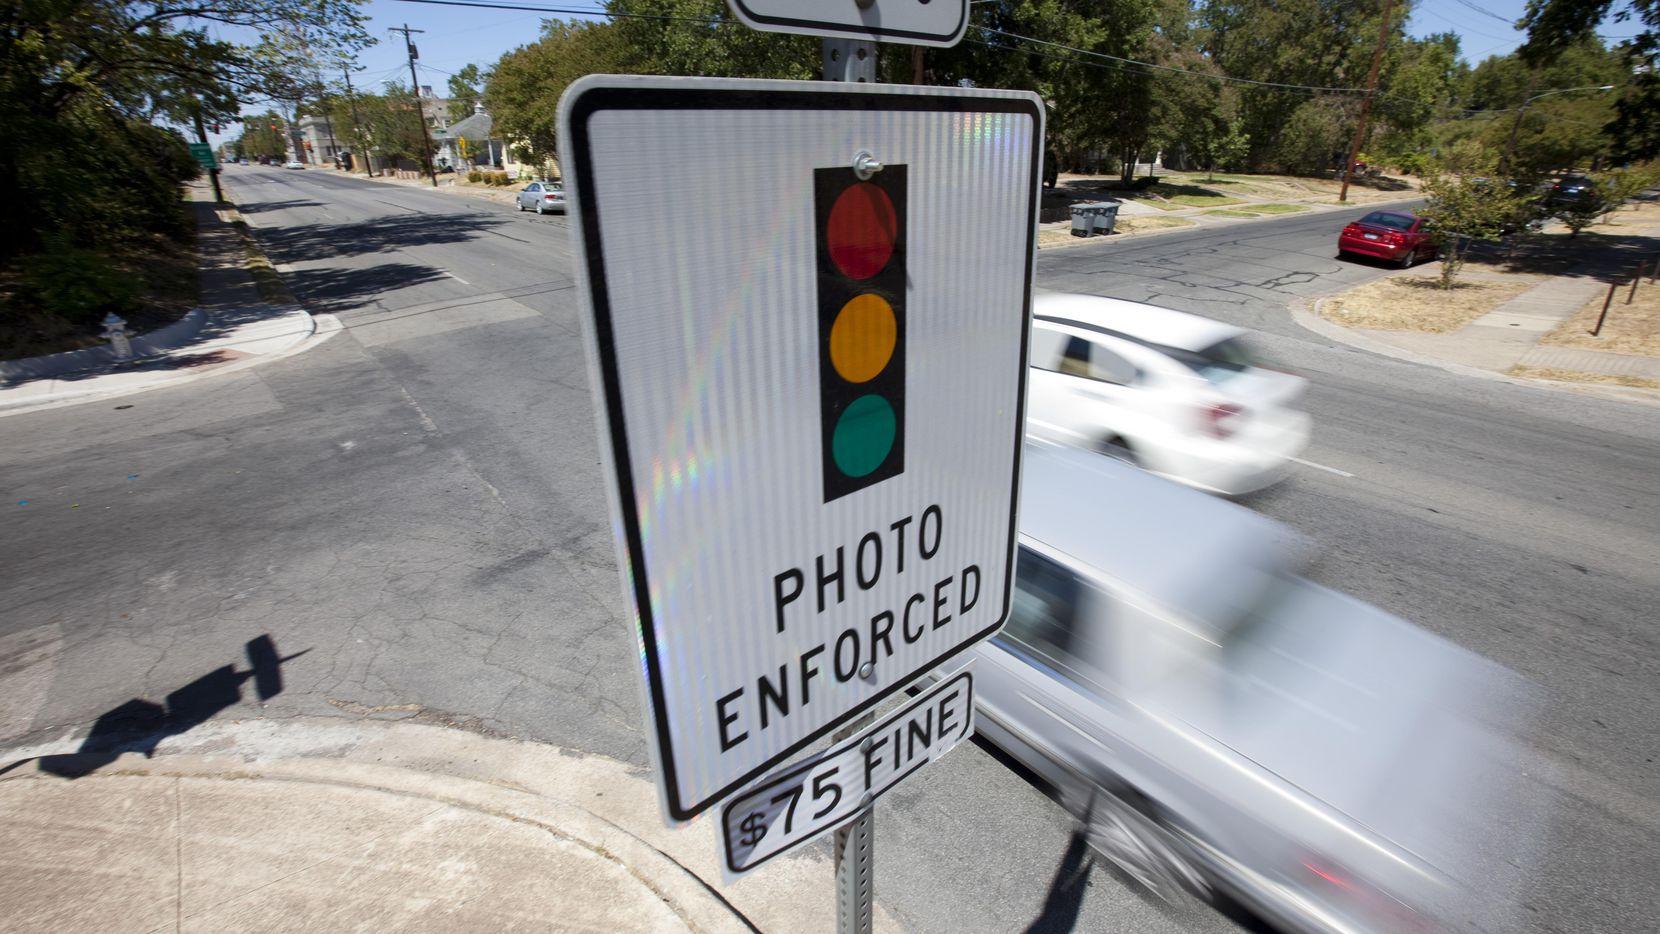 Las cámaras que multan a los que se pasan un semáforo en rojo en Dallas son polémicas. (DMN/ARCHIVO)